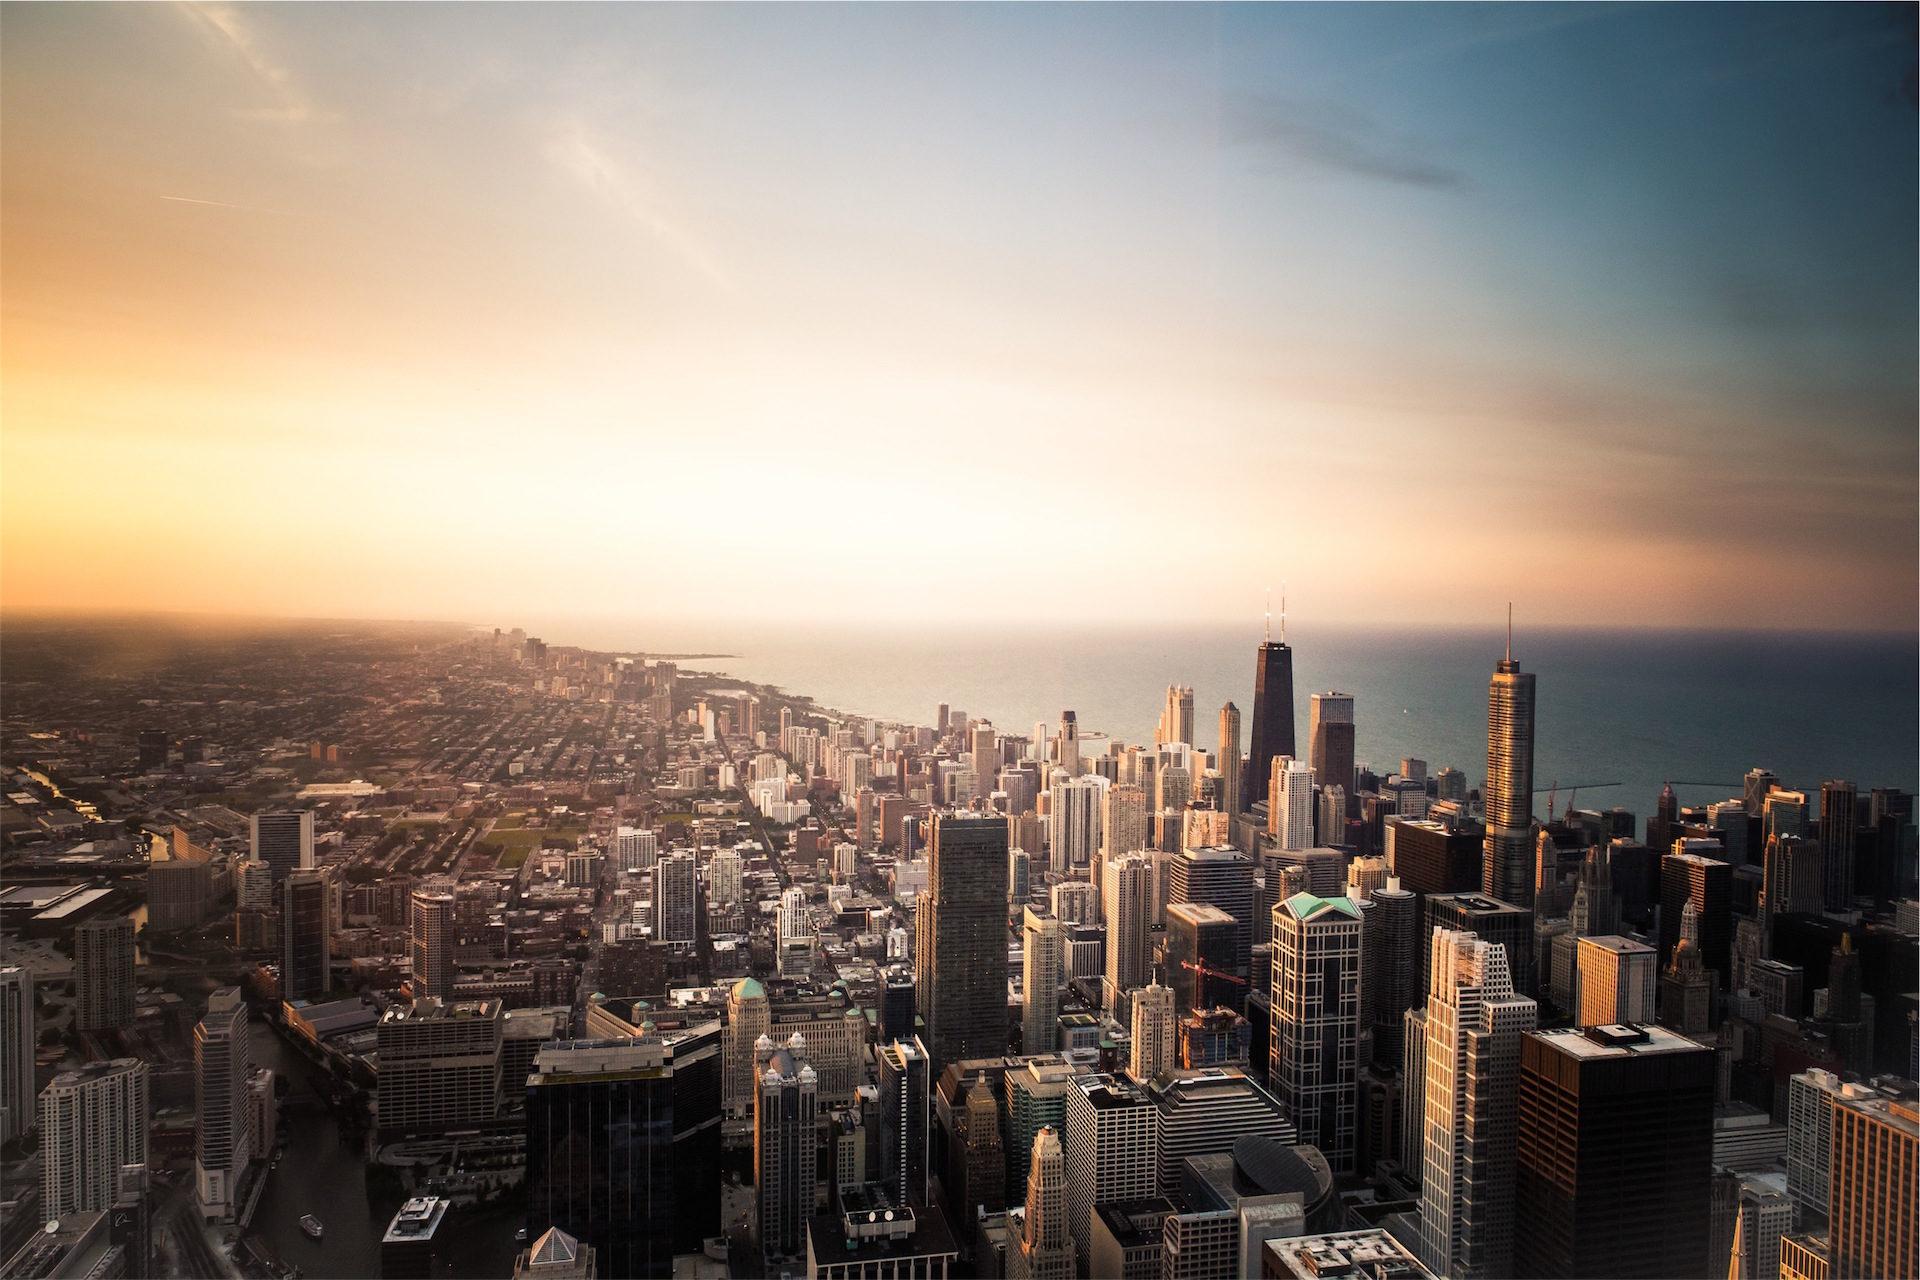 ciudad, amanecer, alba, mar, rascacielos - Fondos de Pantalla HD - professor-falken.com